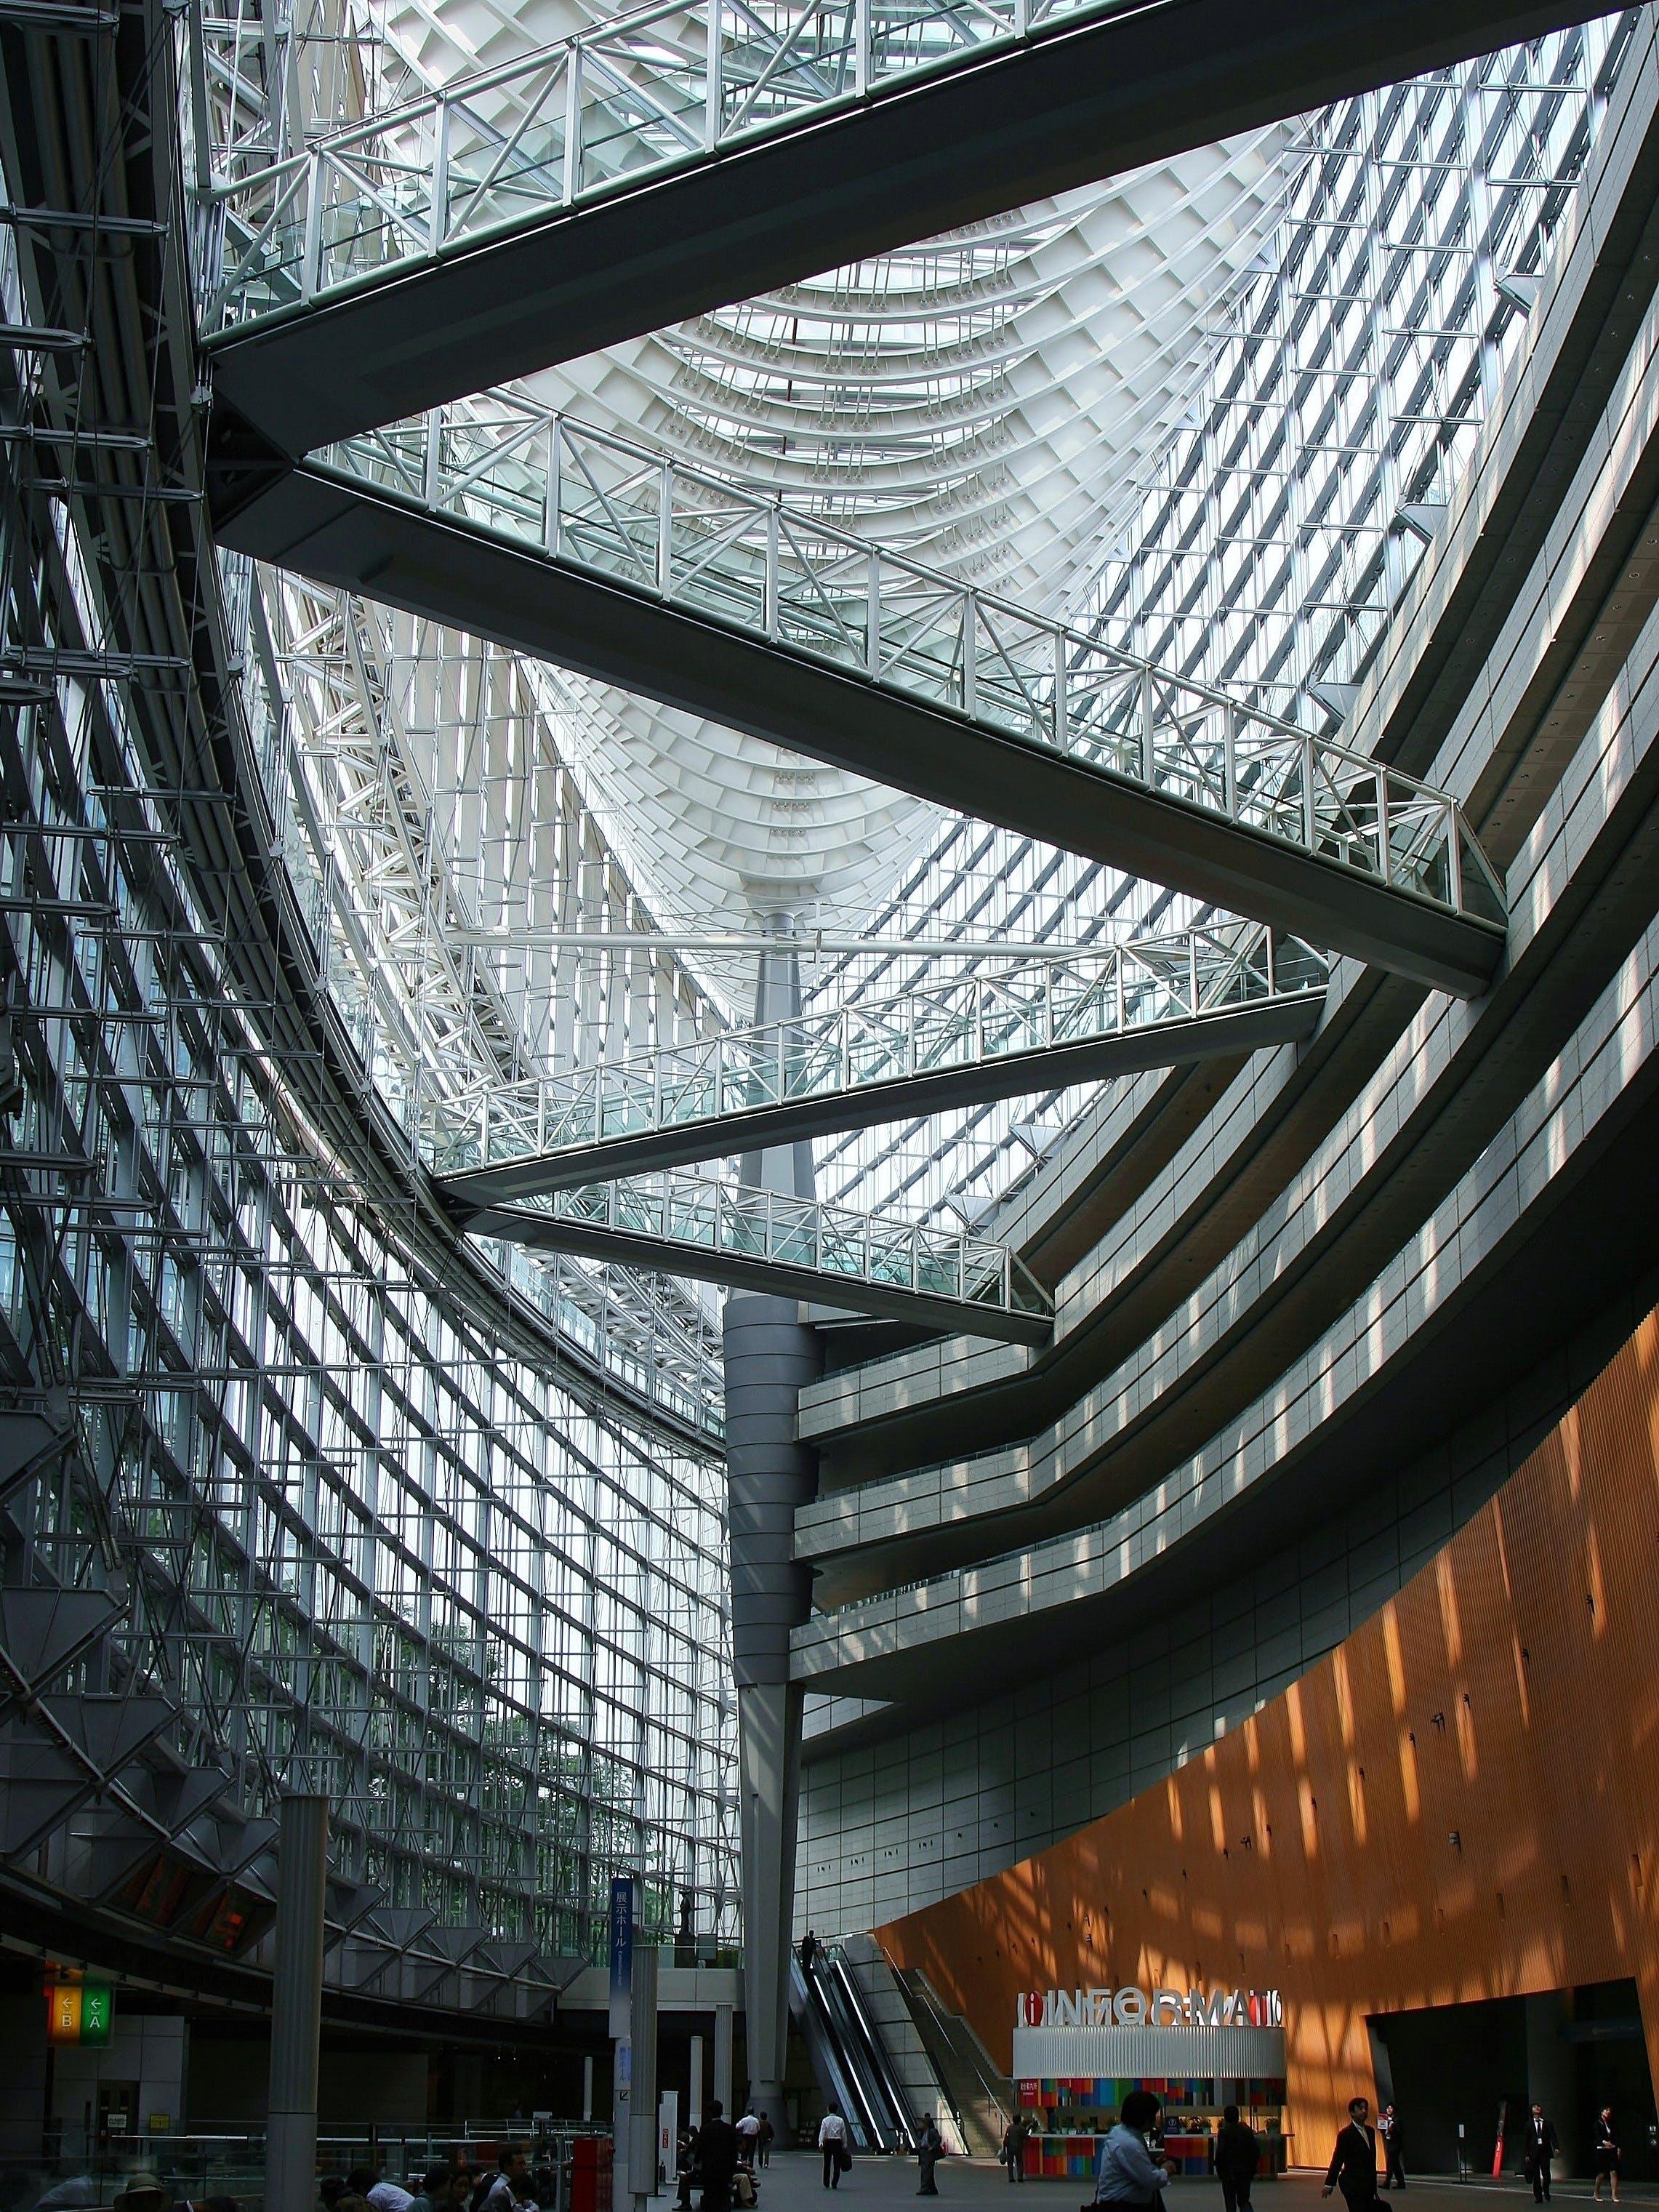 Kostenloses Stock Foto zu architektur, aufnahme von unten, brücke, chuo-ku